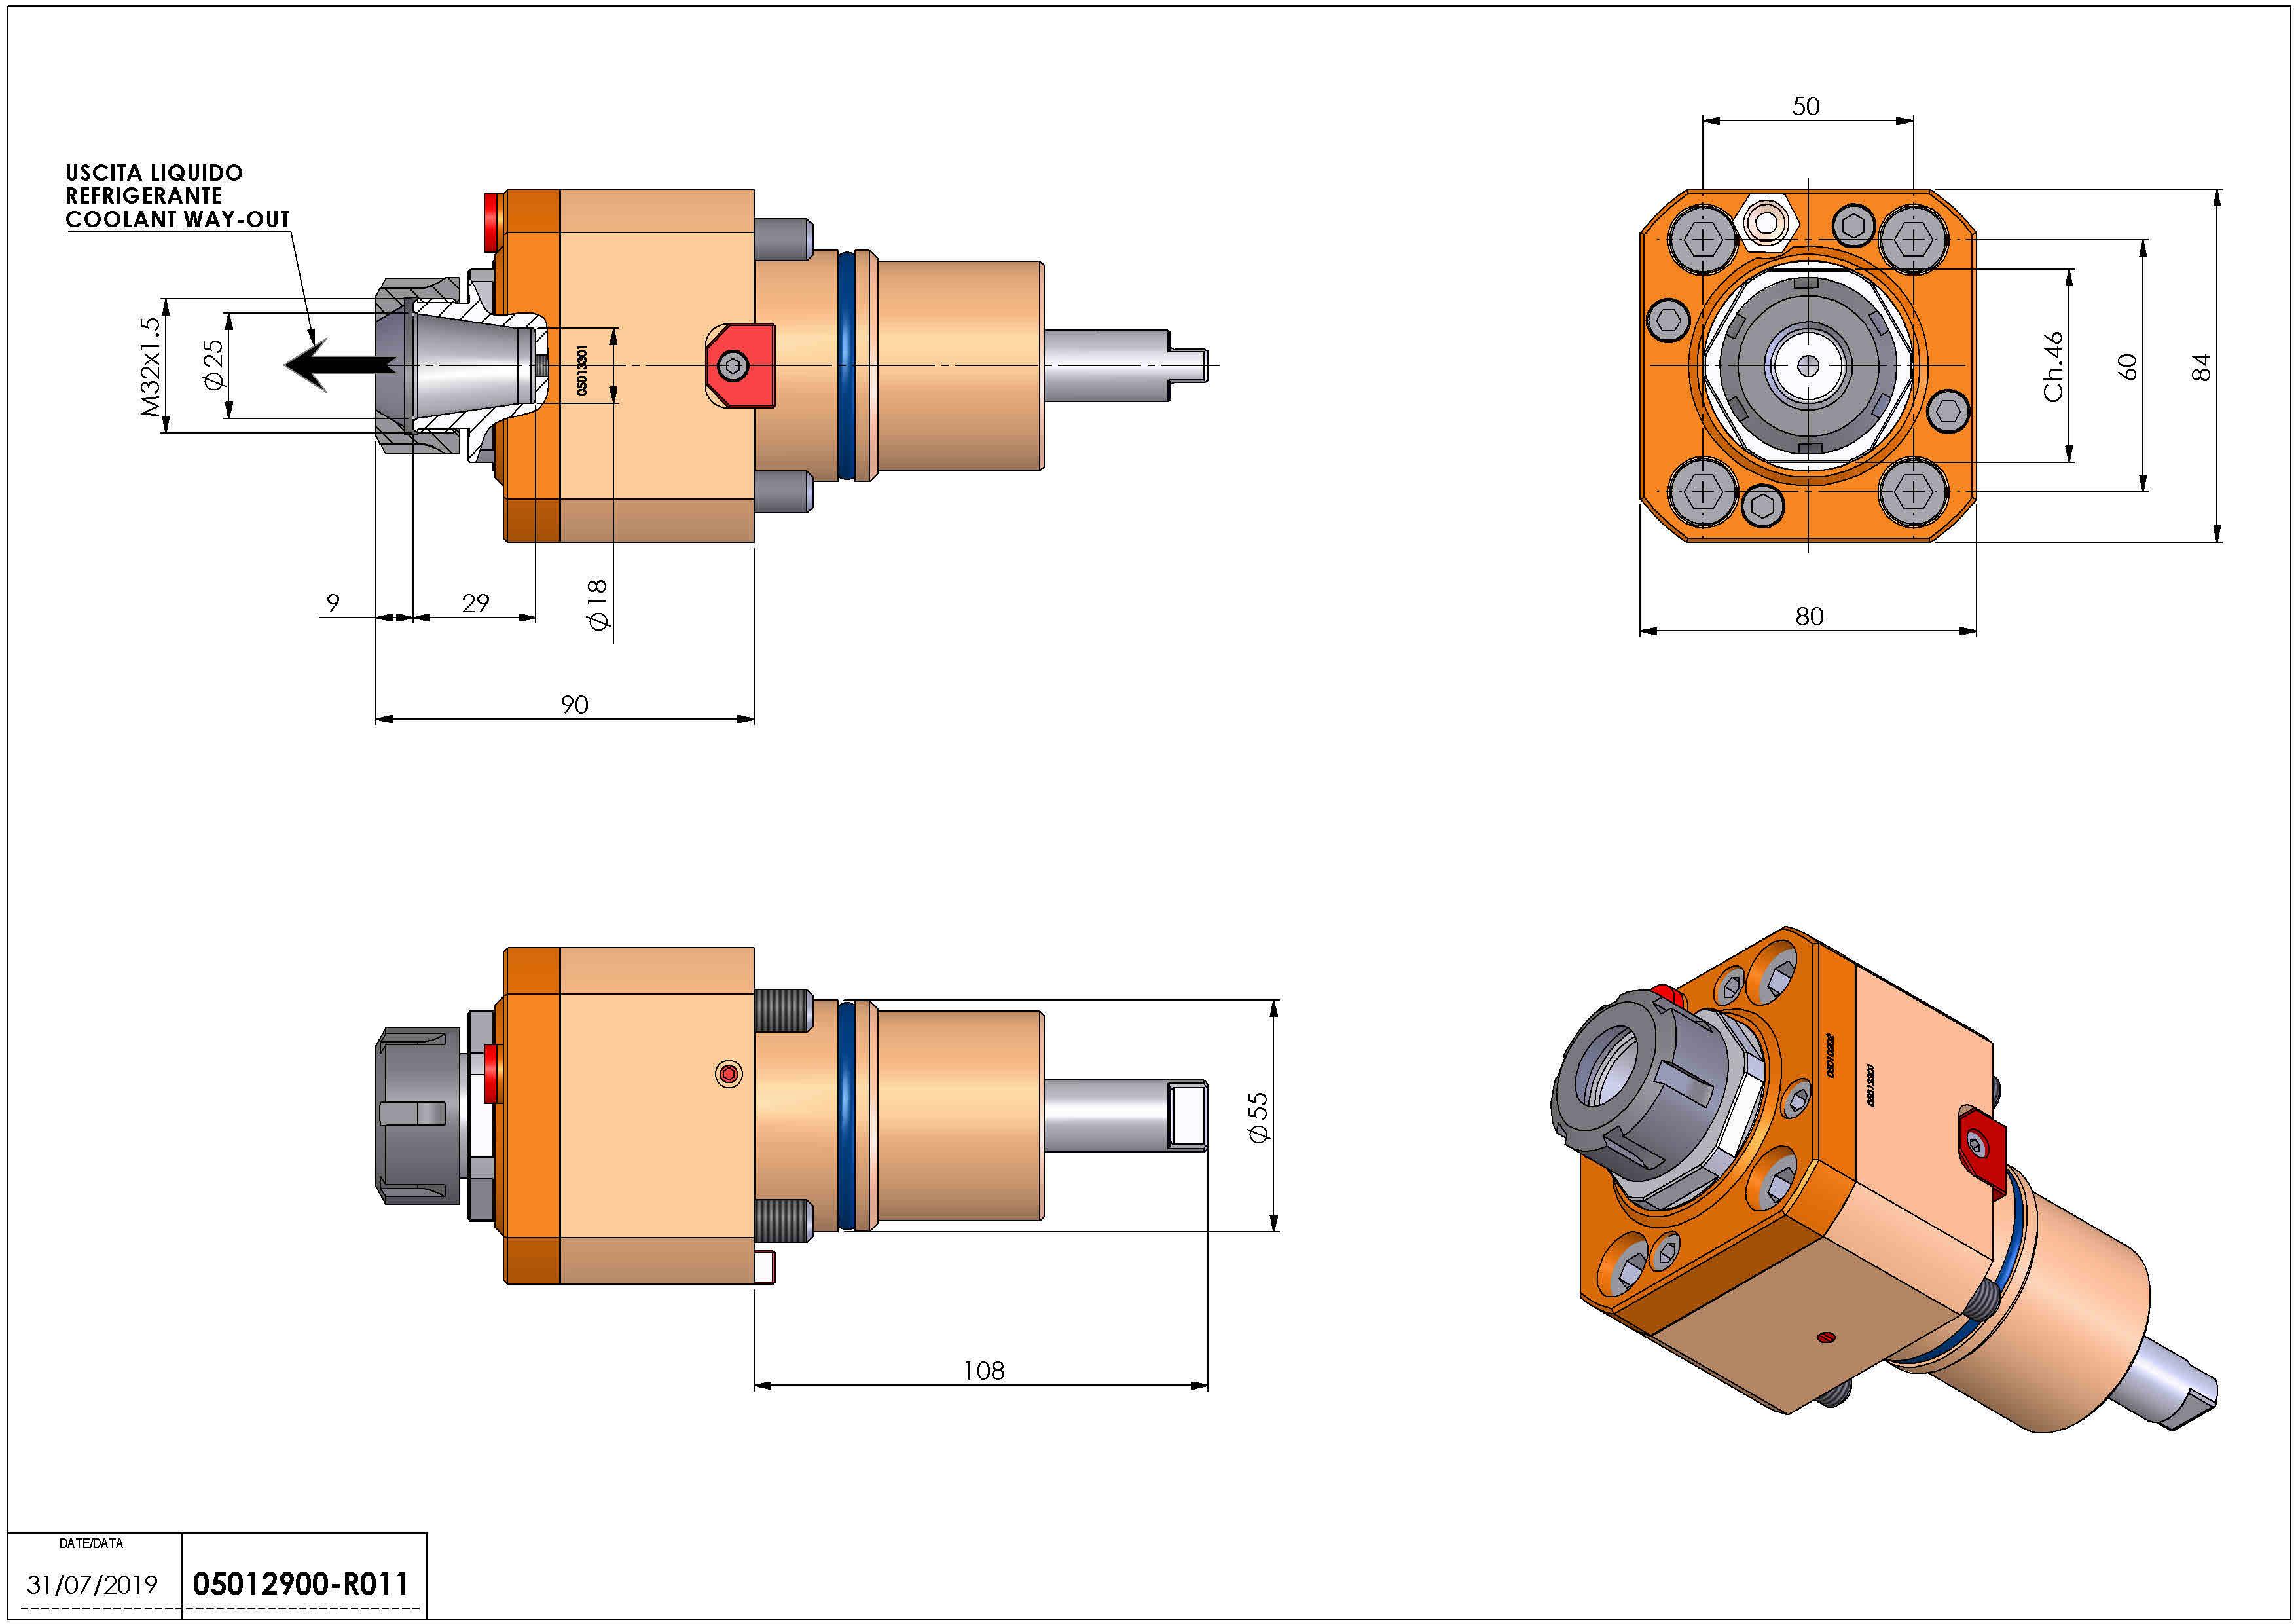 Technical image - LT-S D55 ER25 HRF H90.